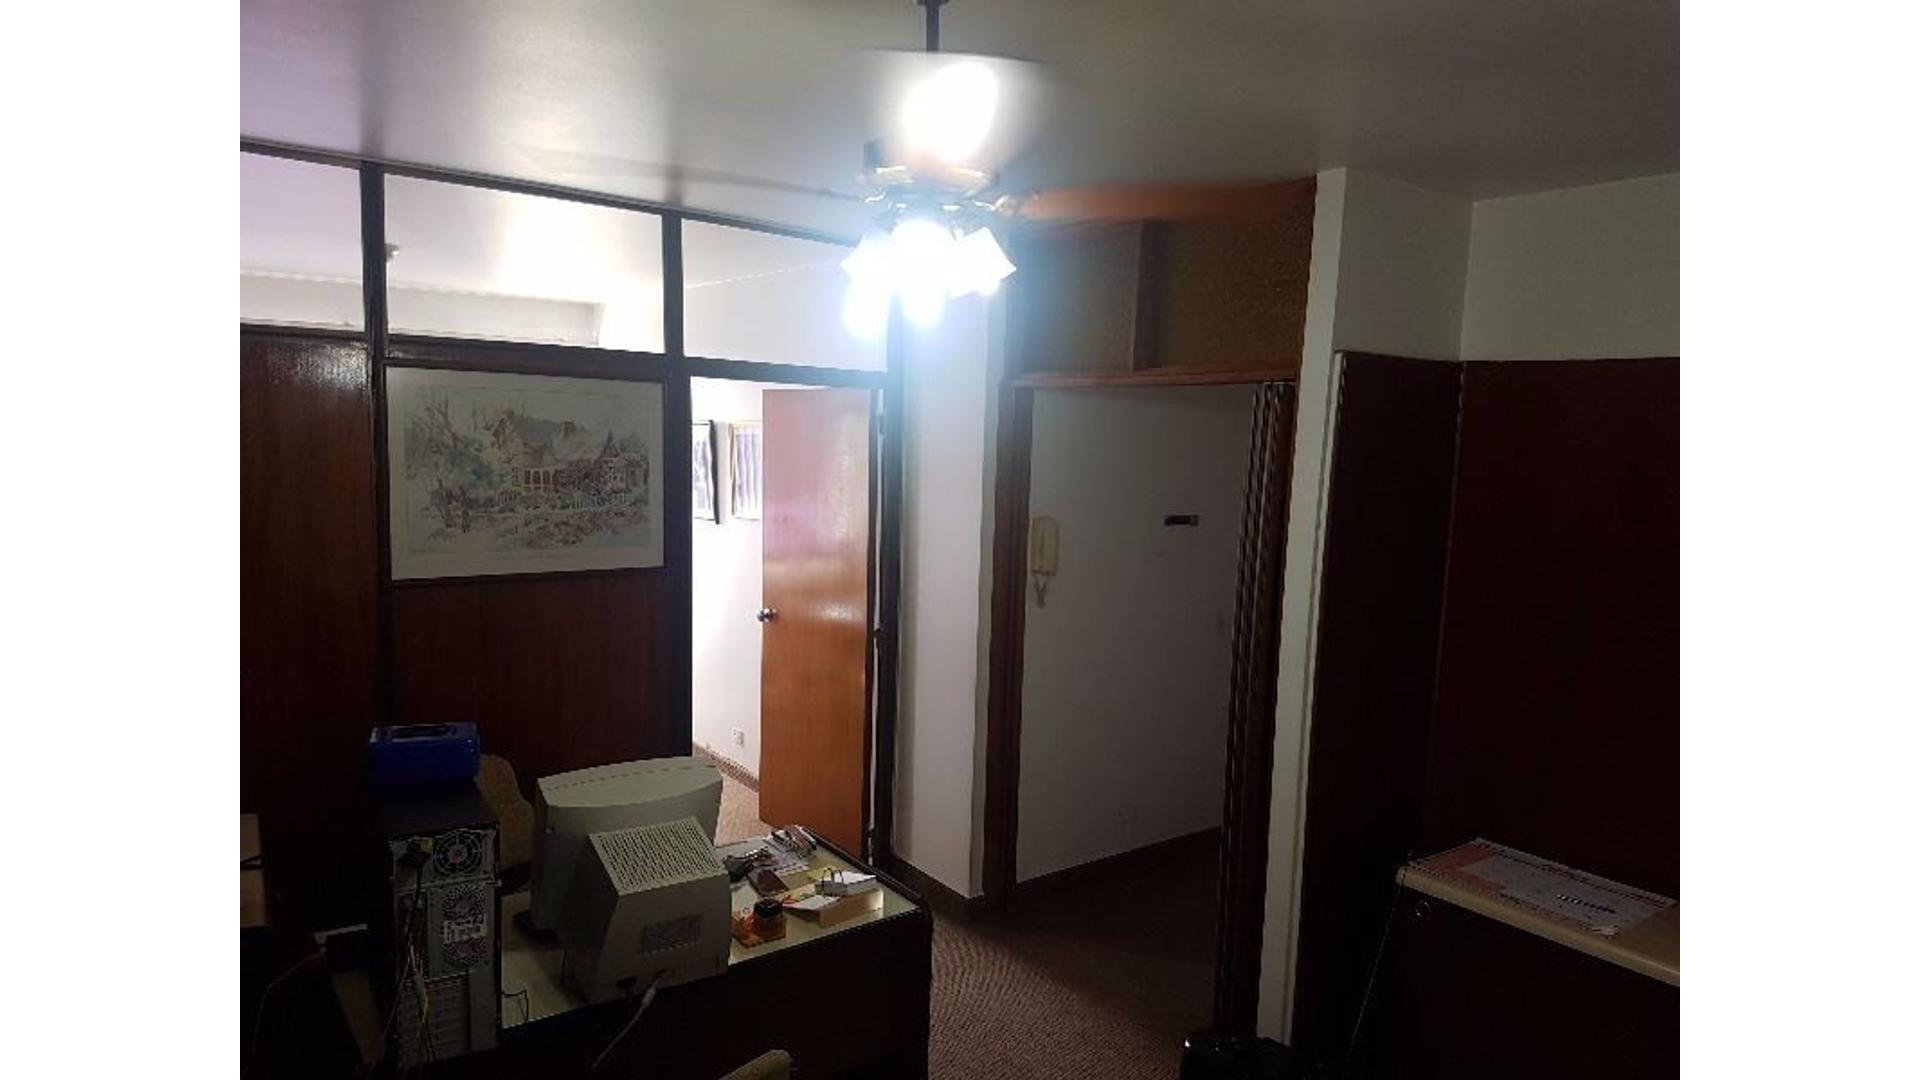 Oficina 45m + 2 cocheras en piso 12 real oportunidad!!!!!!